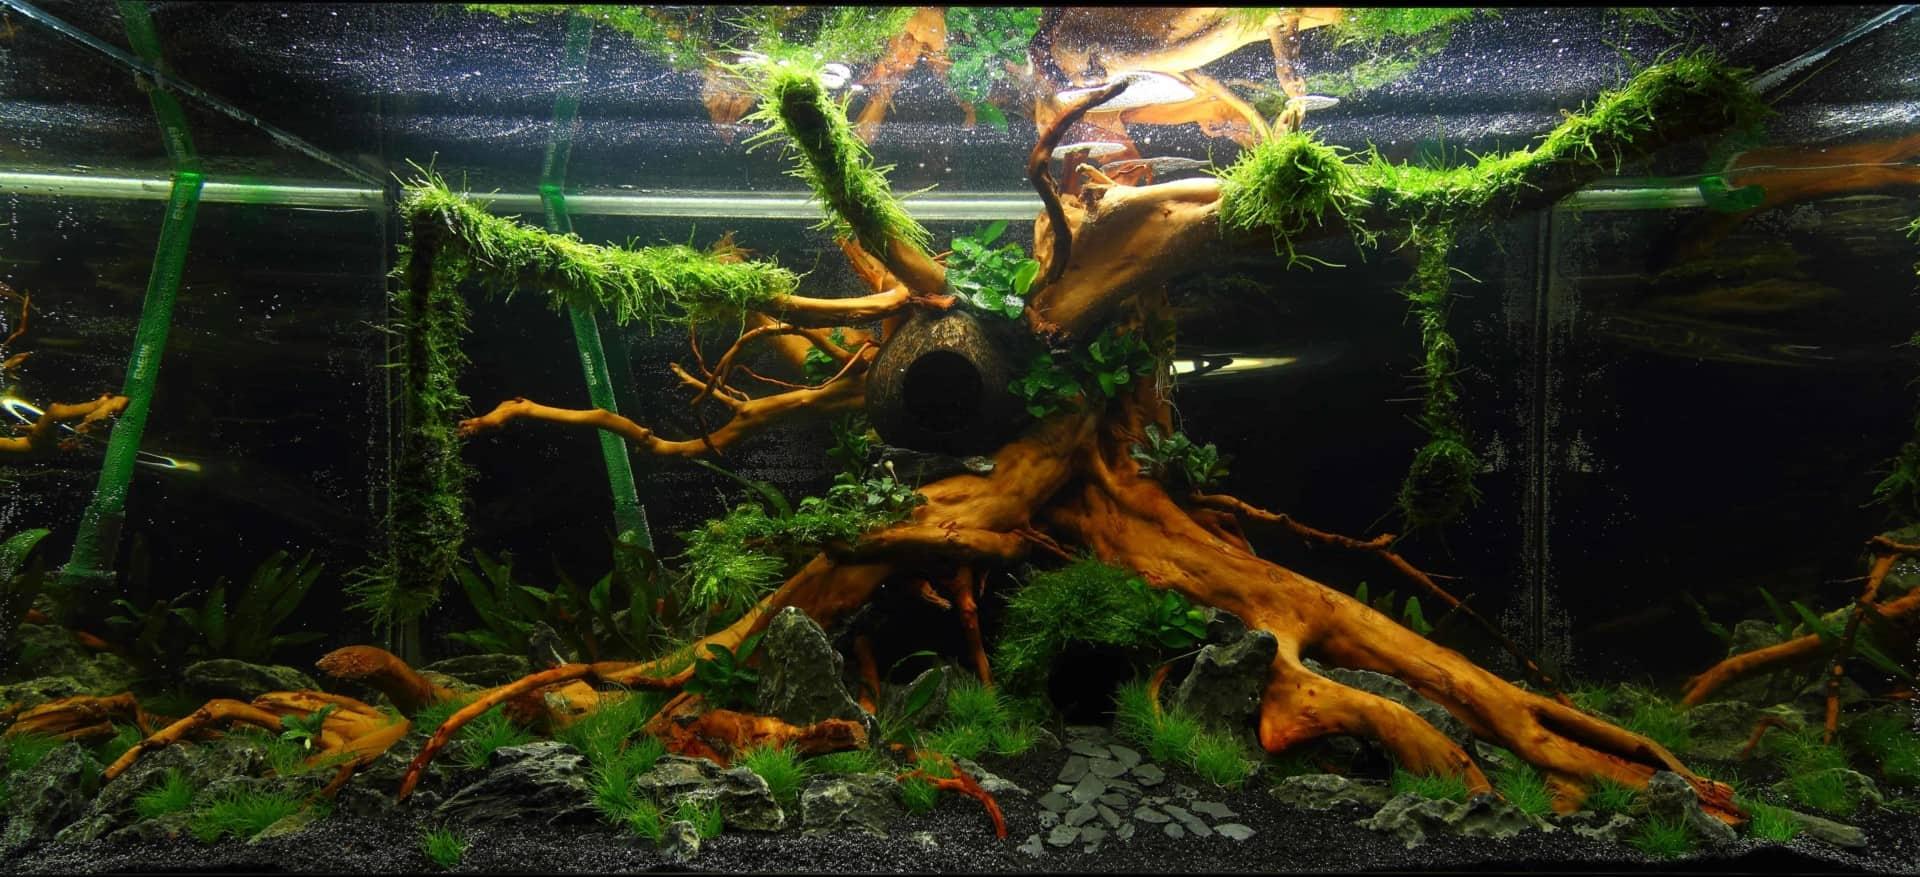 191 - The Art of the Planted Aquarium - Neuheiten und Möglichkeiten zum Mitmachen im April 2019 (Stefanie Hesse) 49